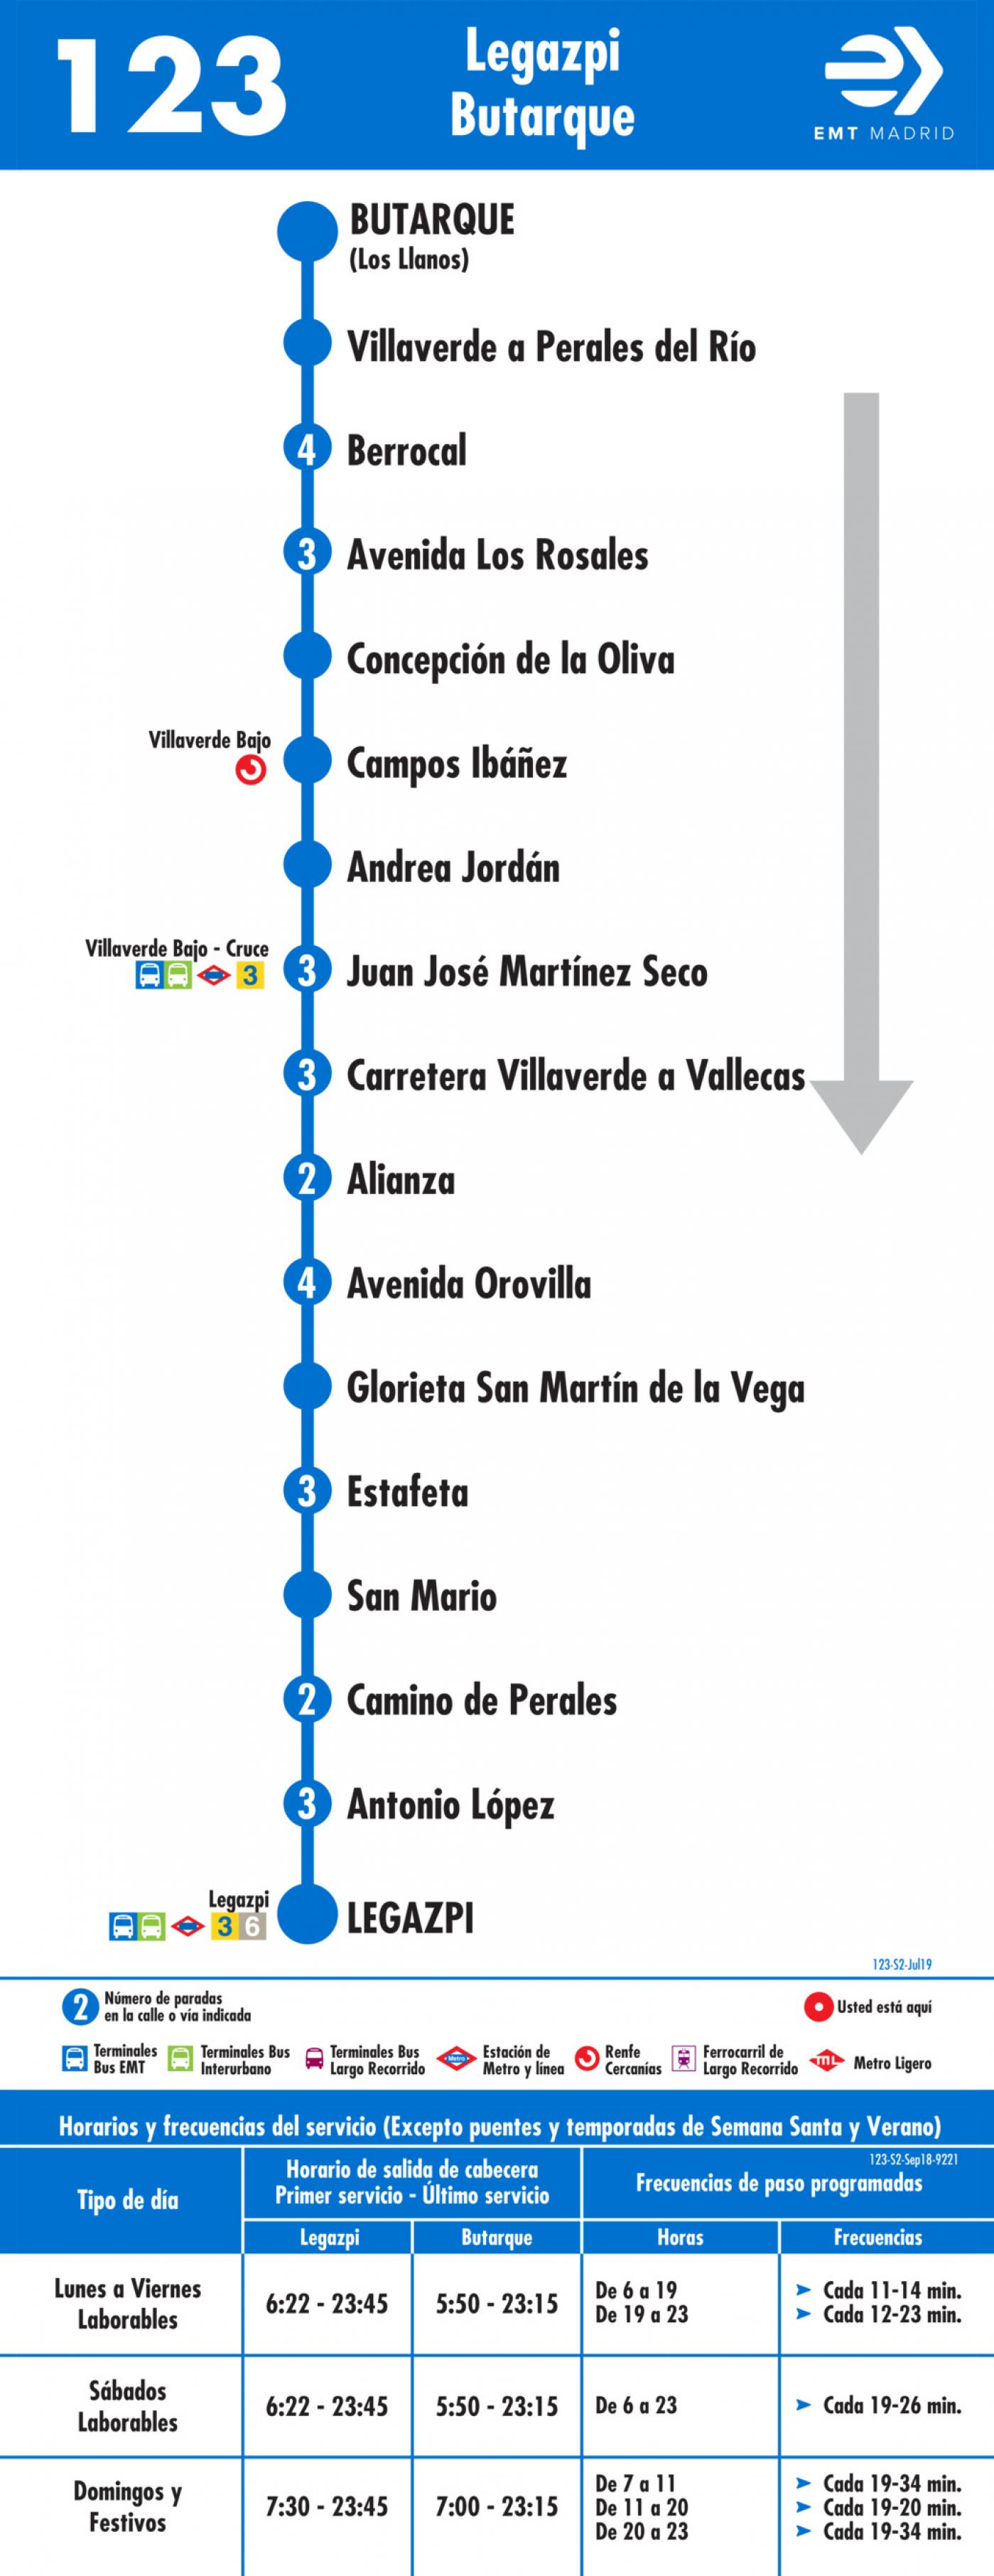 Tabla de horarios y frecuencias de paso en sentido vuelta Línea 123: Plaza de Legazpi - Villaverde Bajo